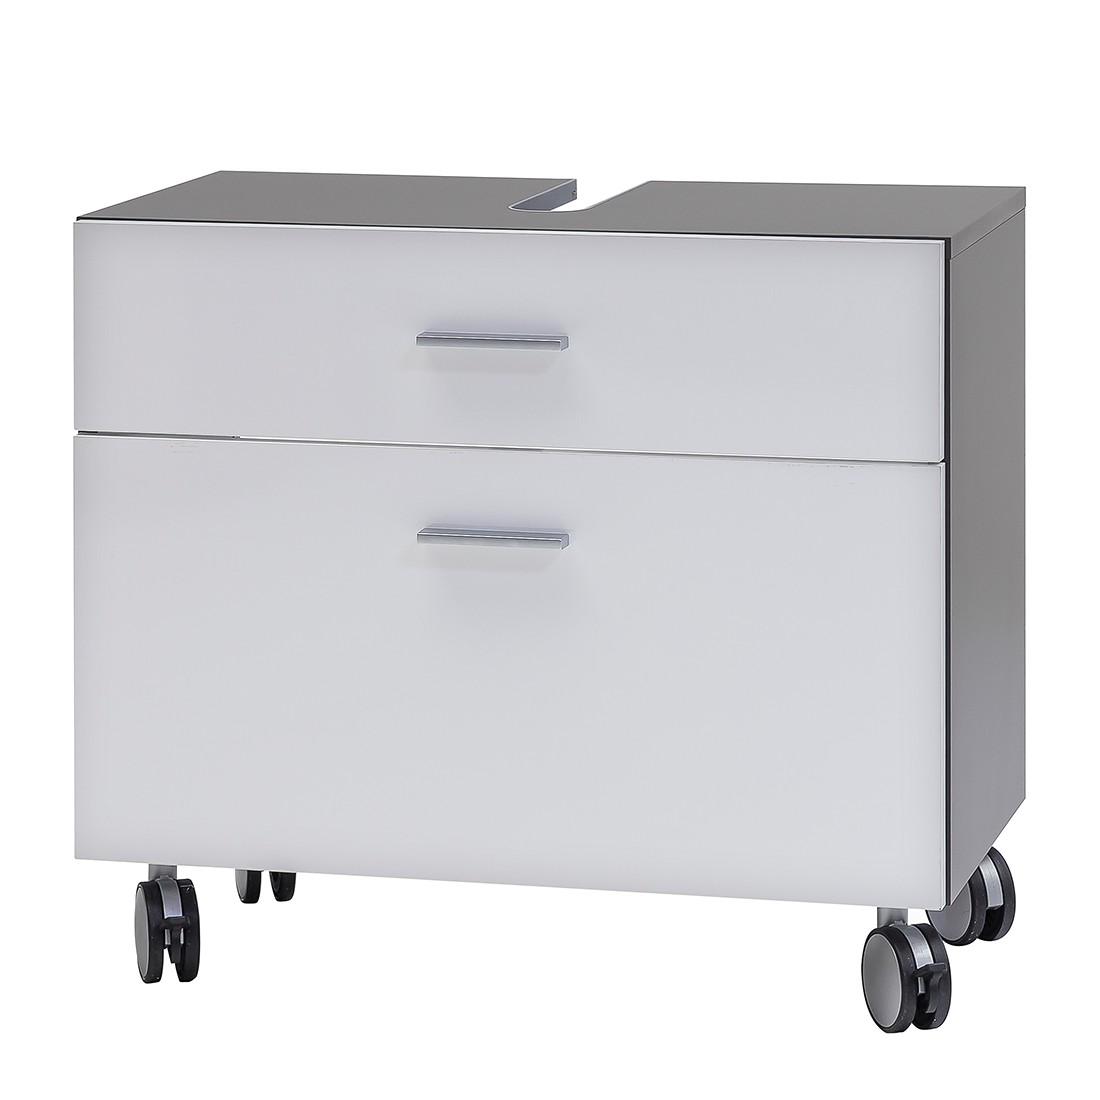 Armadietto da lavabo Grena - Bianco lucido/Grigio basalto lavandino, Schildmeyer